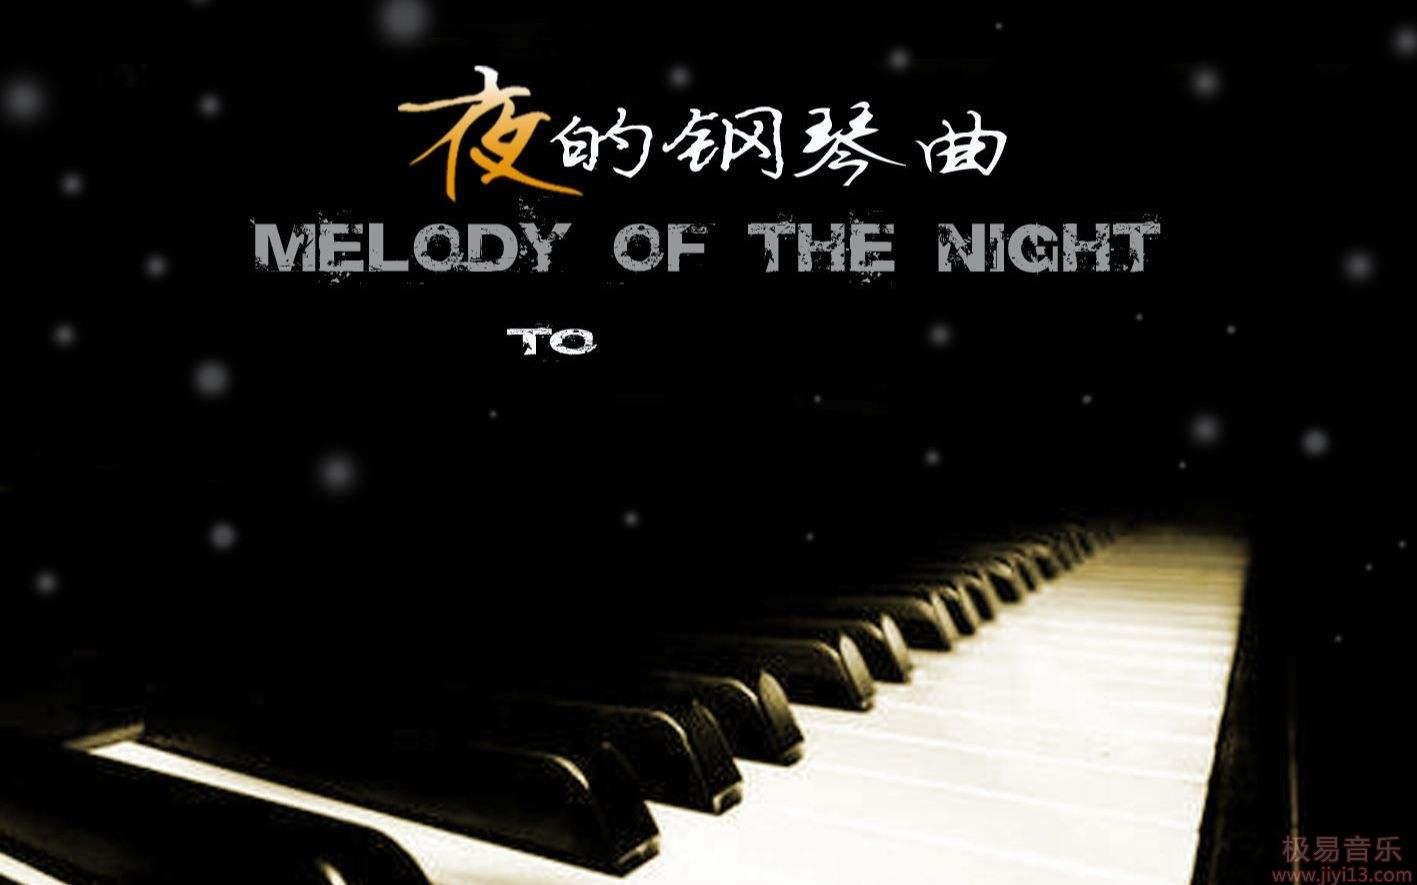 石进《夜的钢琴曲》全集百度云mp3下载54首+高清钢琴谱